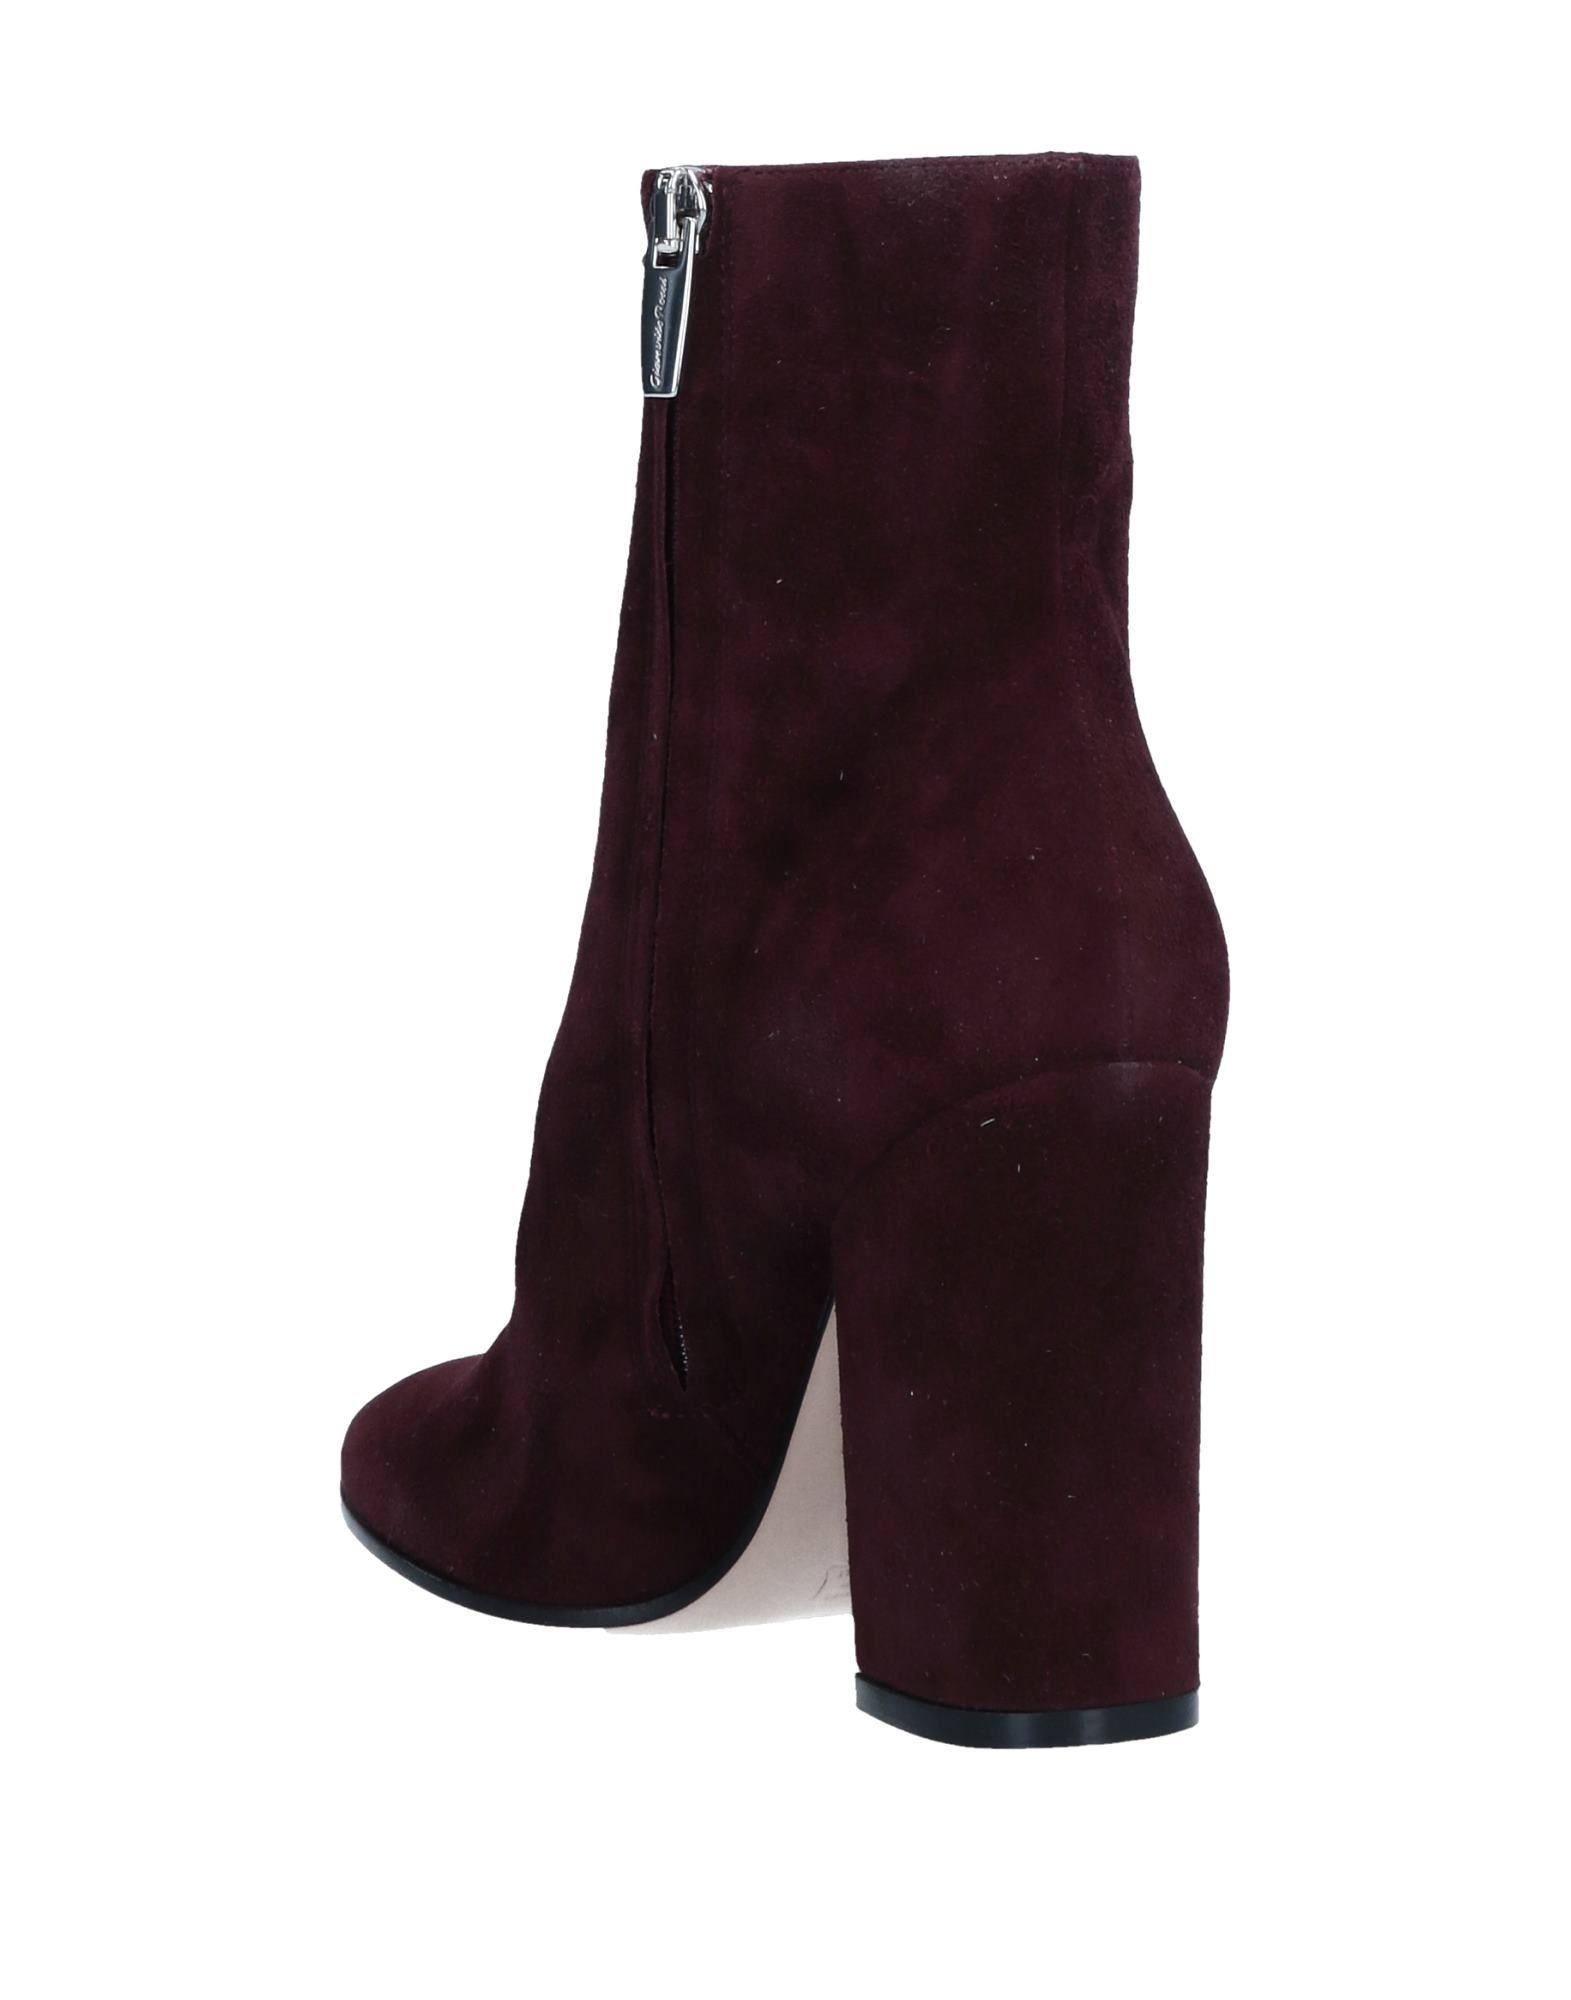 Gianvito Rossi Stiefelette Damen Schuhe  11552688MGGünstige gut aussehende Schuhe Damen 510532